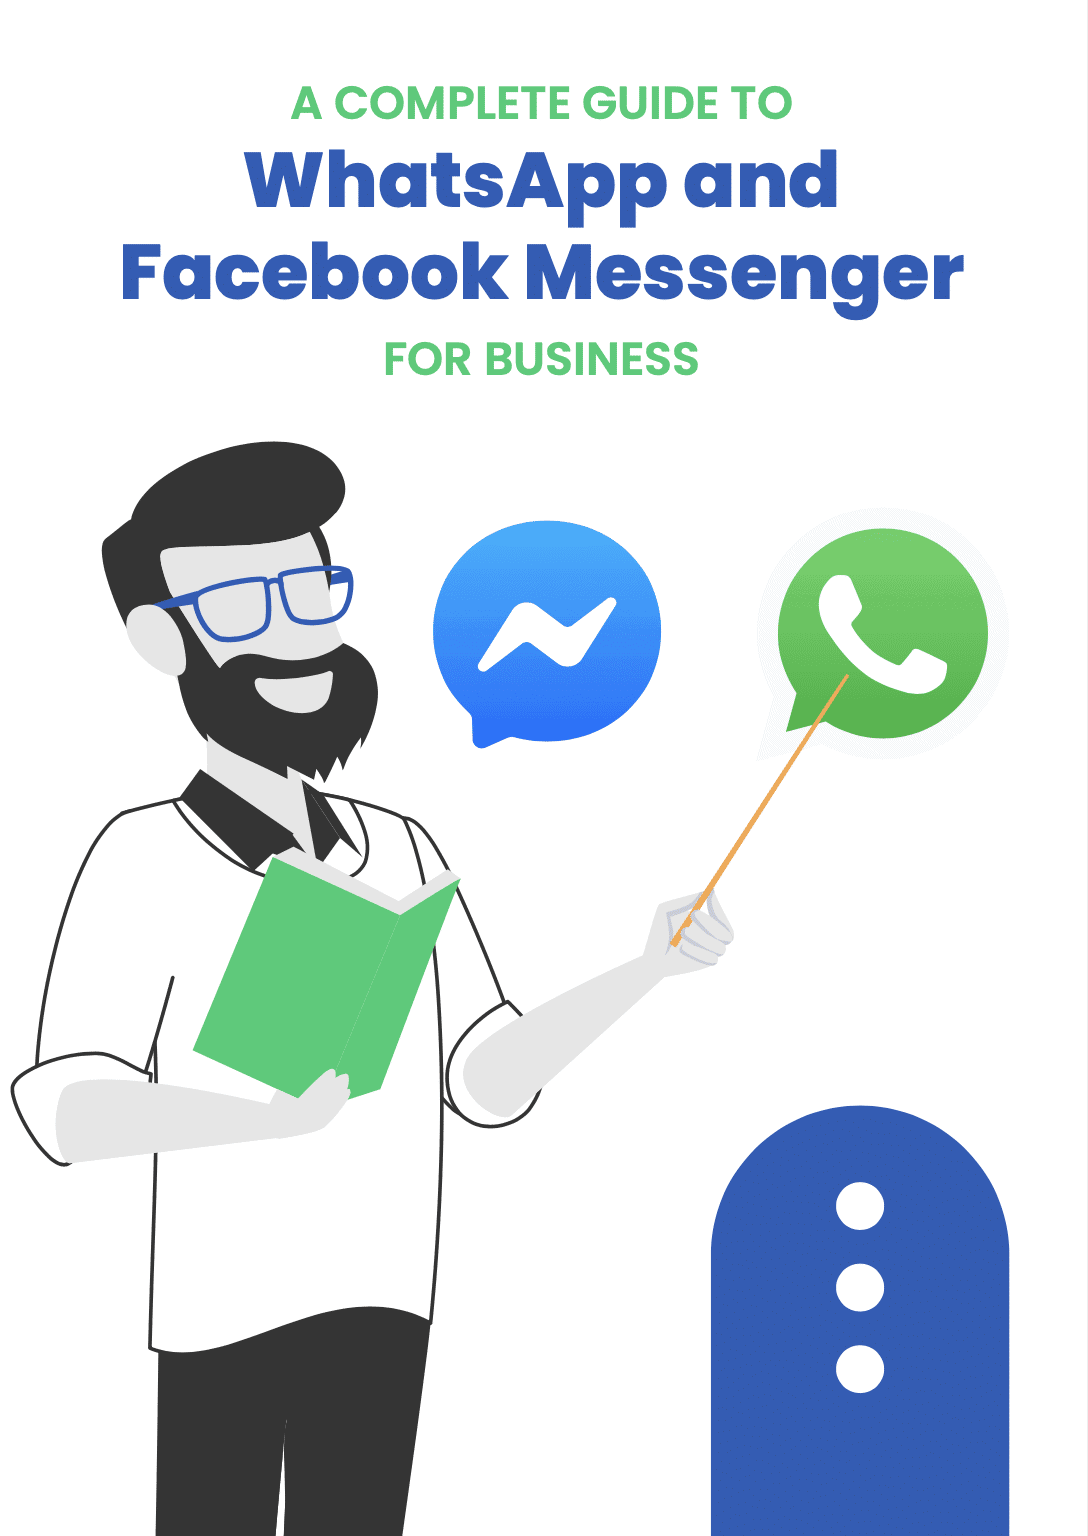 WhatsApp & Facebook Messenger for Business